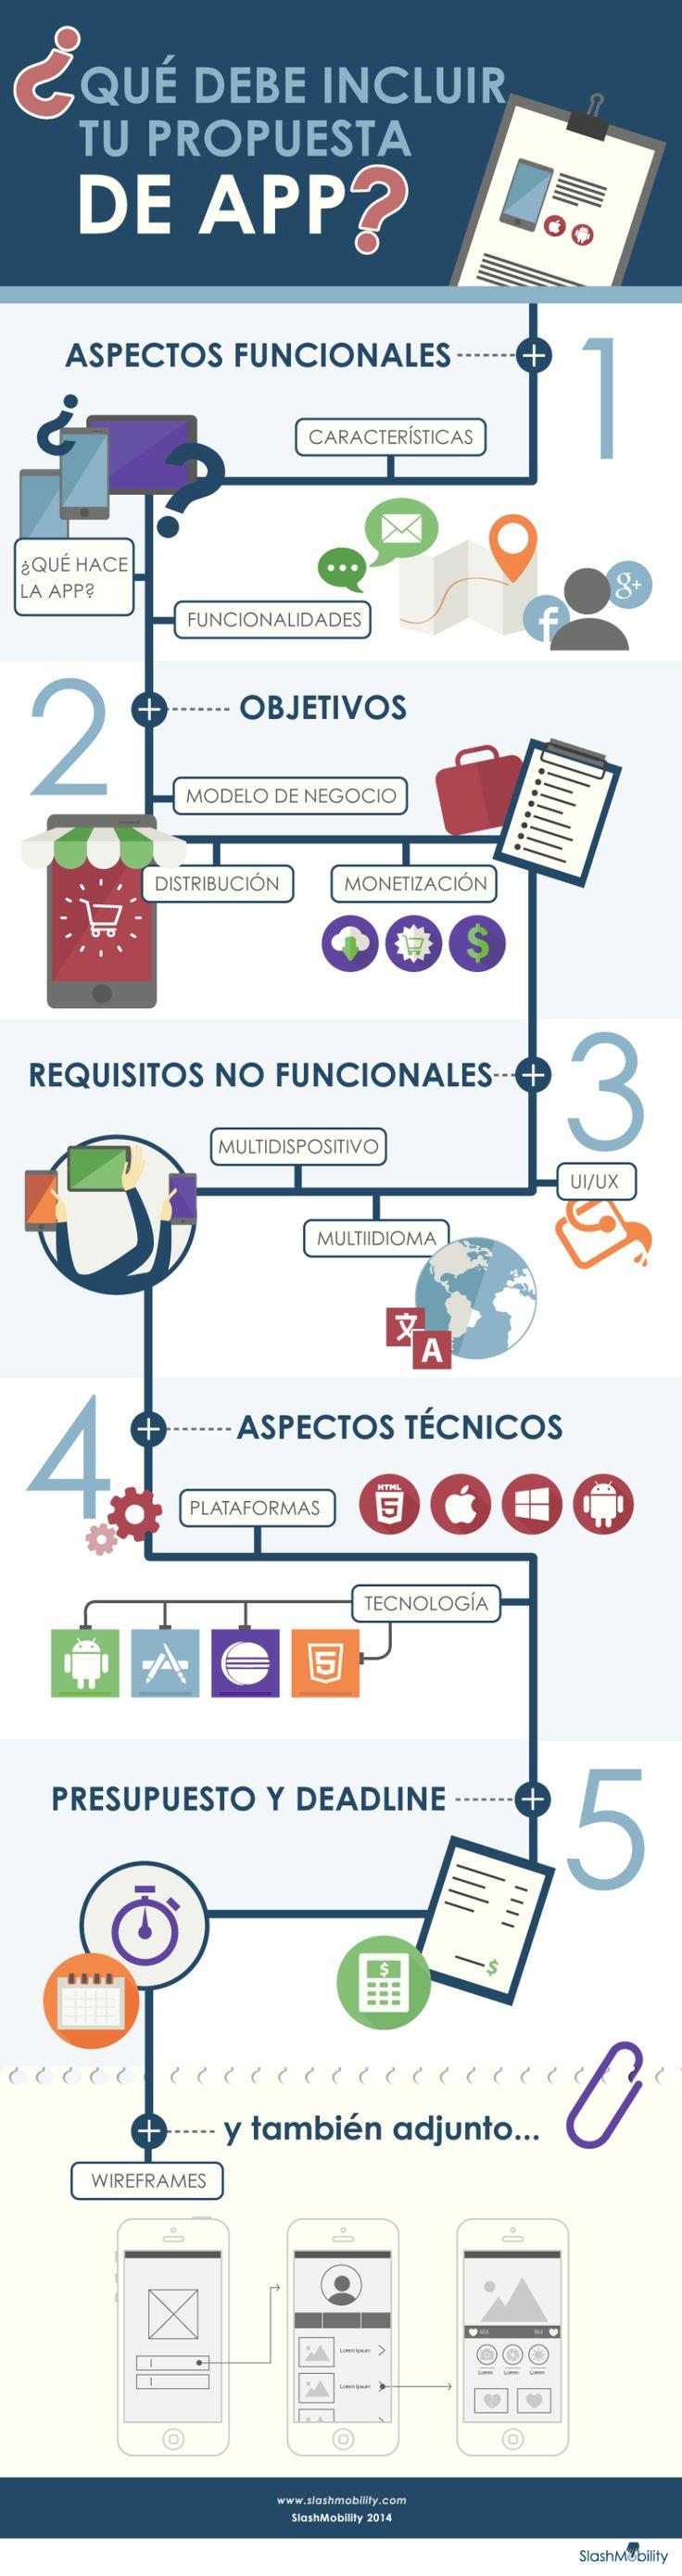 Cómo debe ser una propuesta de APP #infografia #infographic #software